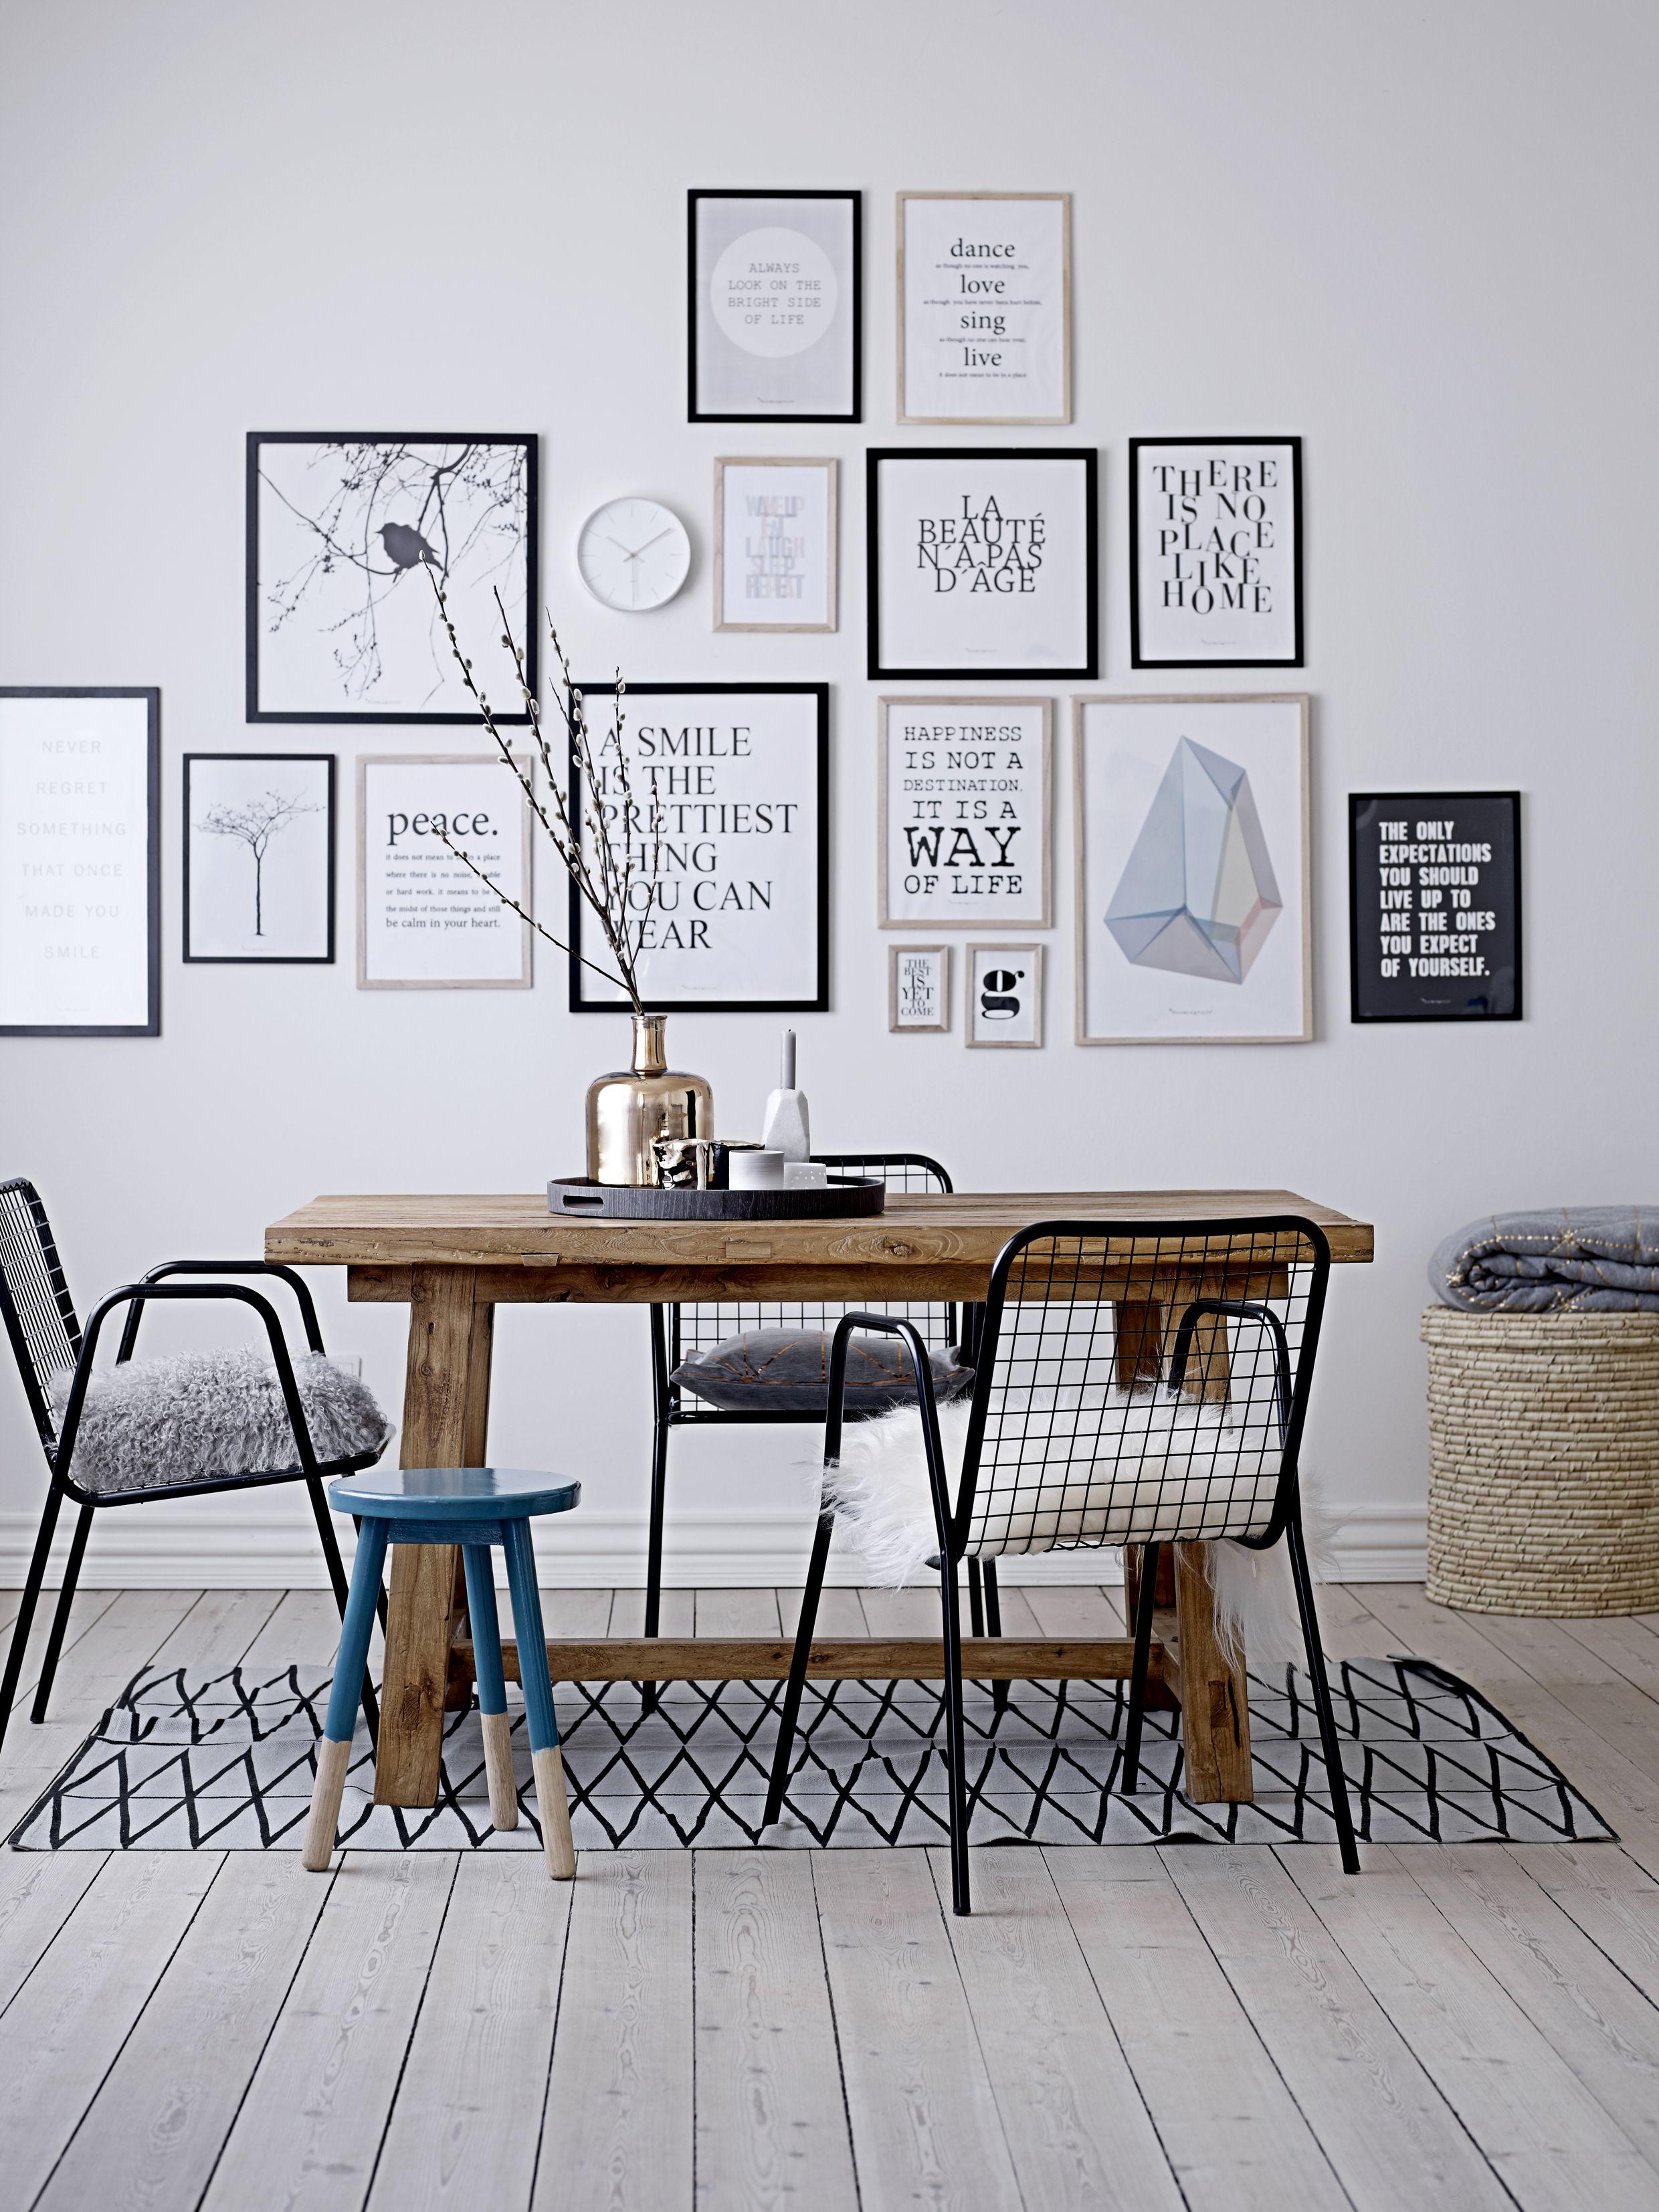 Pin von Yael Woolf auf Home | Pinterest | Tisch, Einrichtung und ...